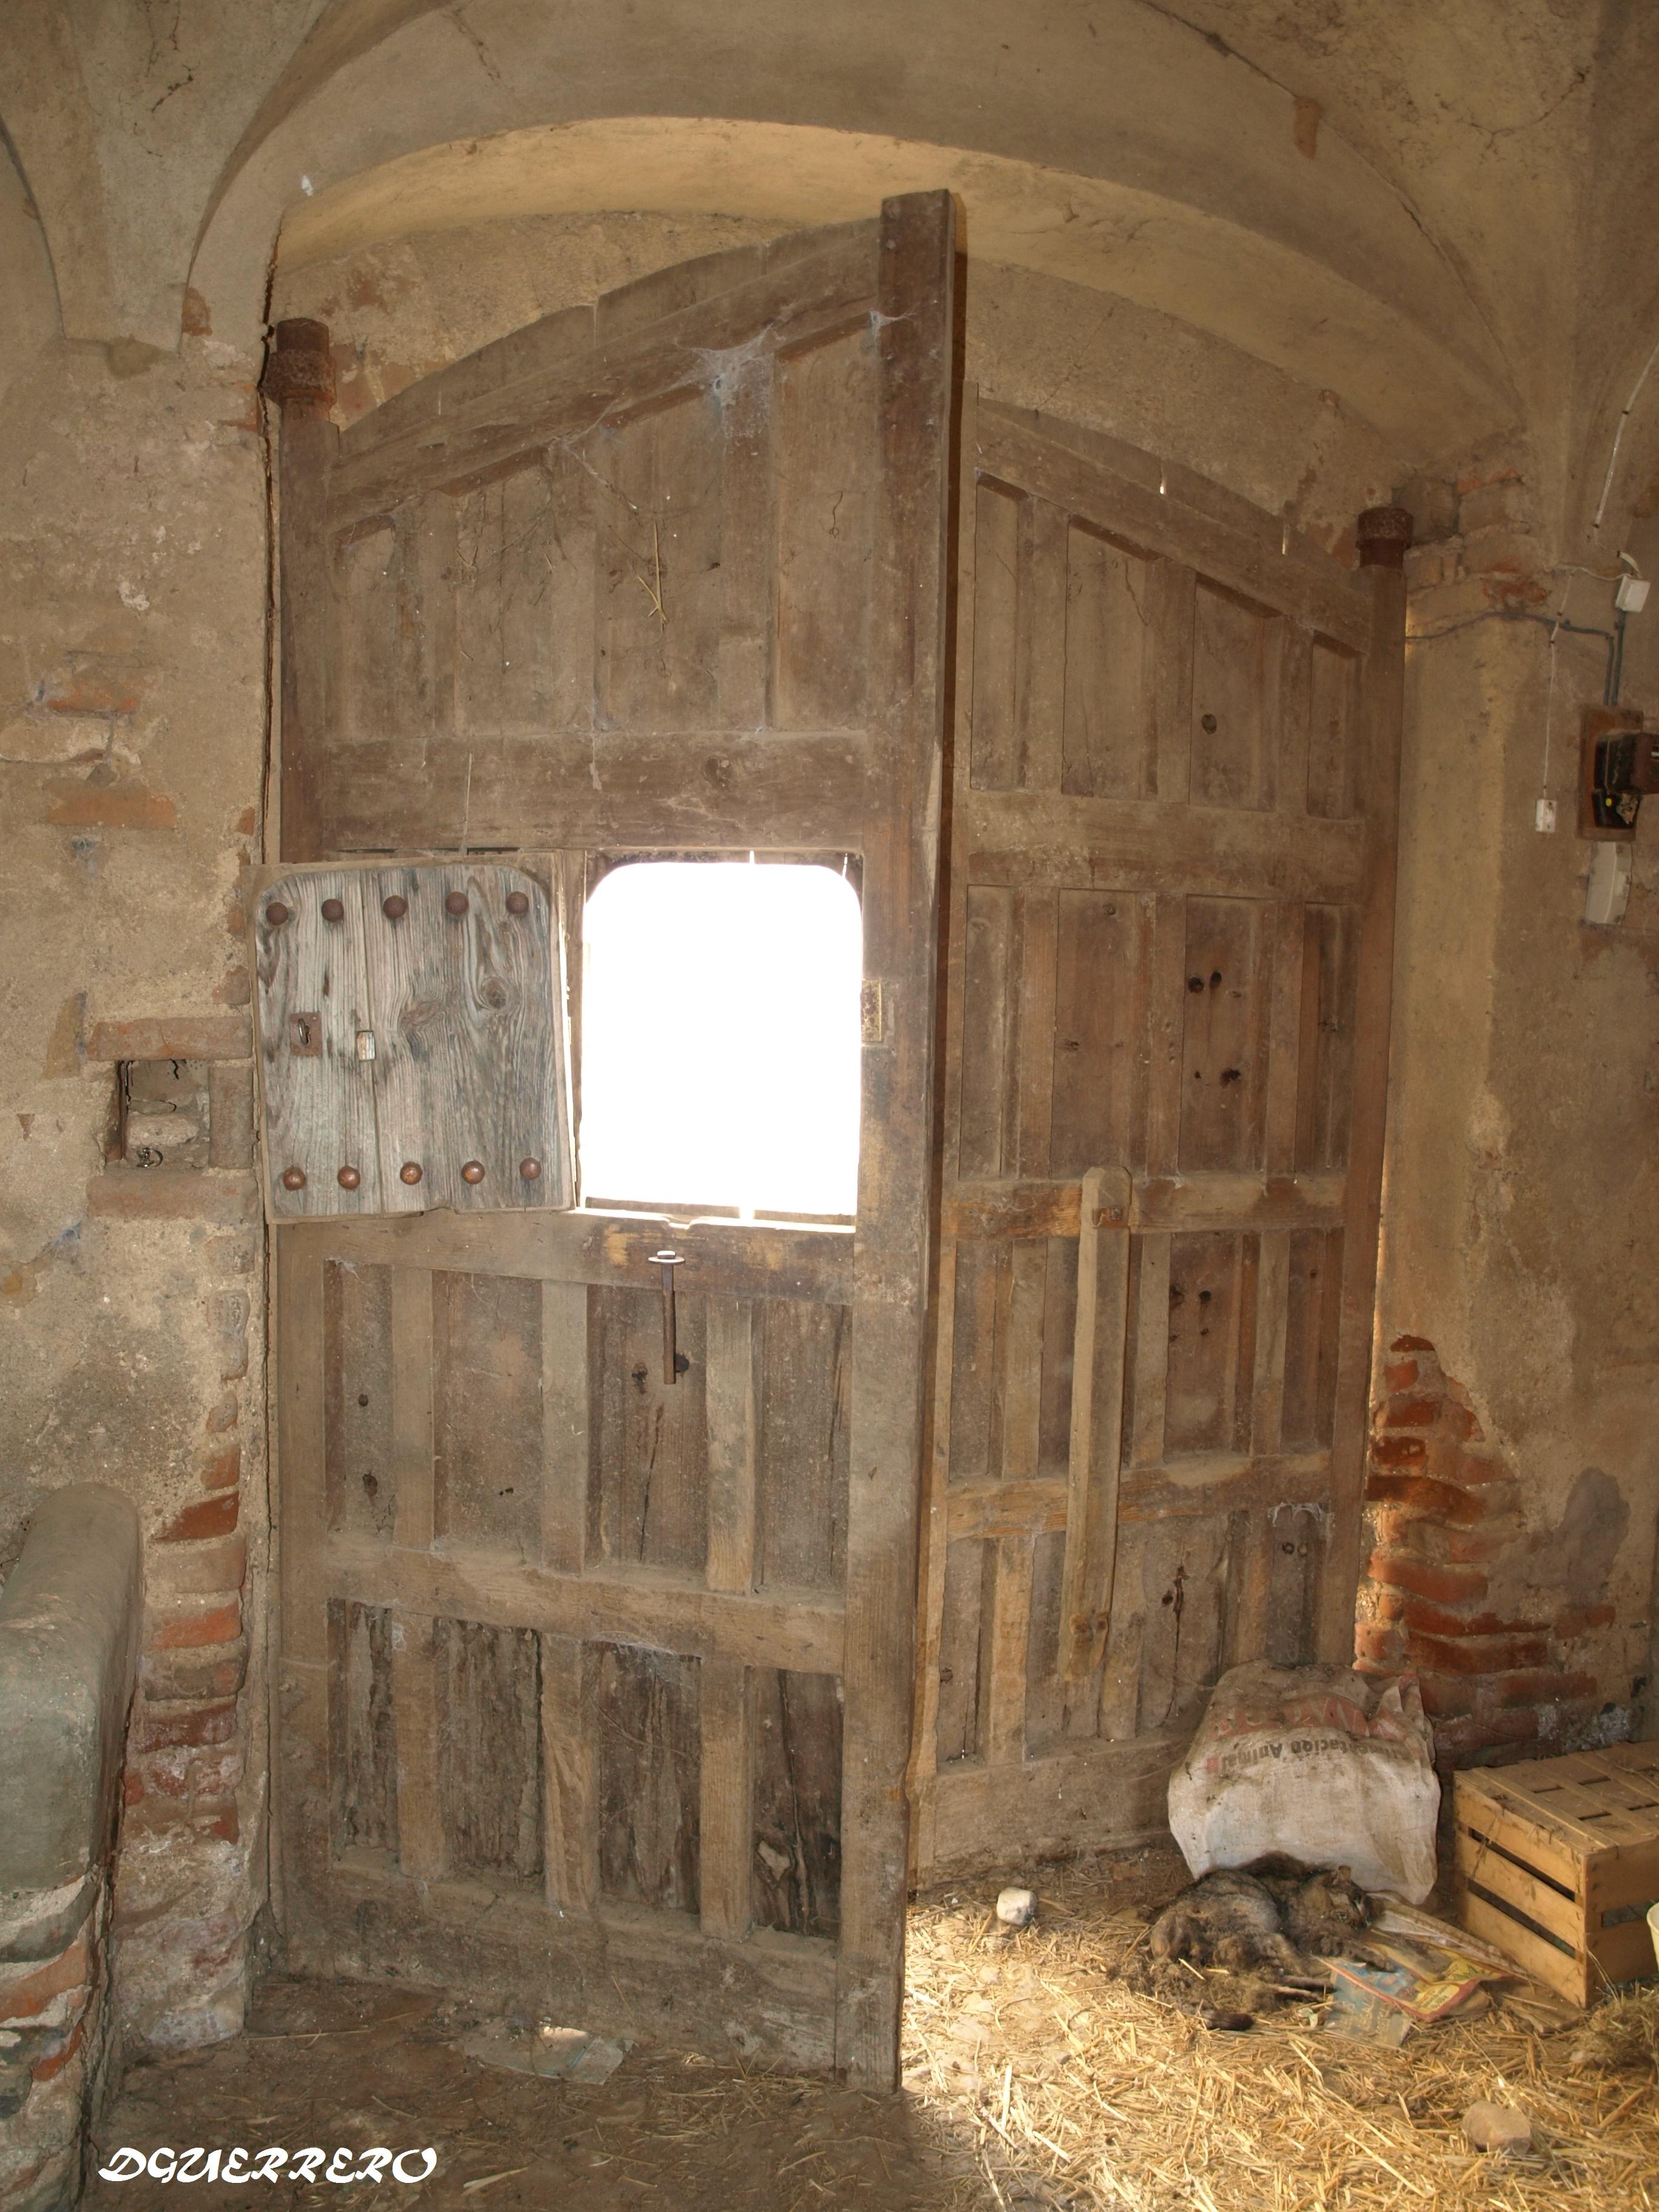 245 usos y costumbres las antiguas puertas falsas de for Puertas grandes antiguas